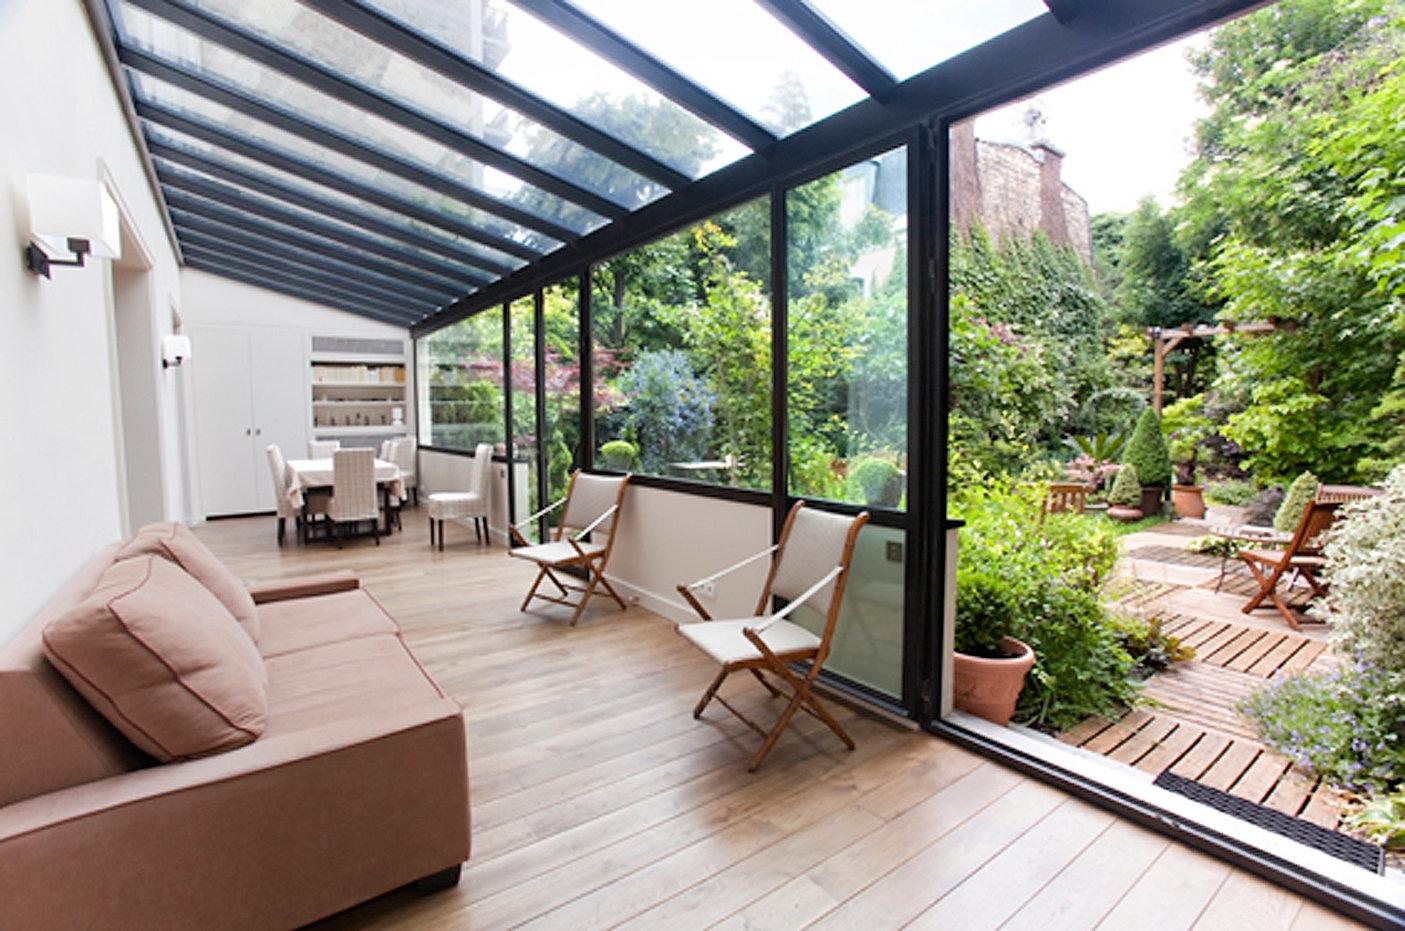 Populaire Le Jardin des Bauches, vu de l'intérieur VK51